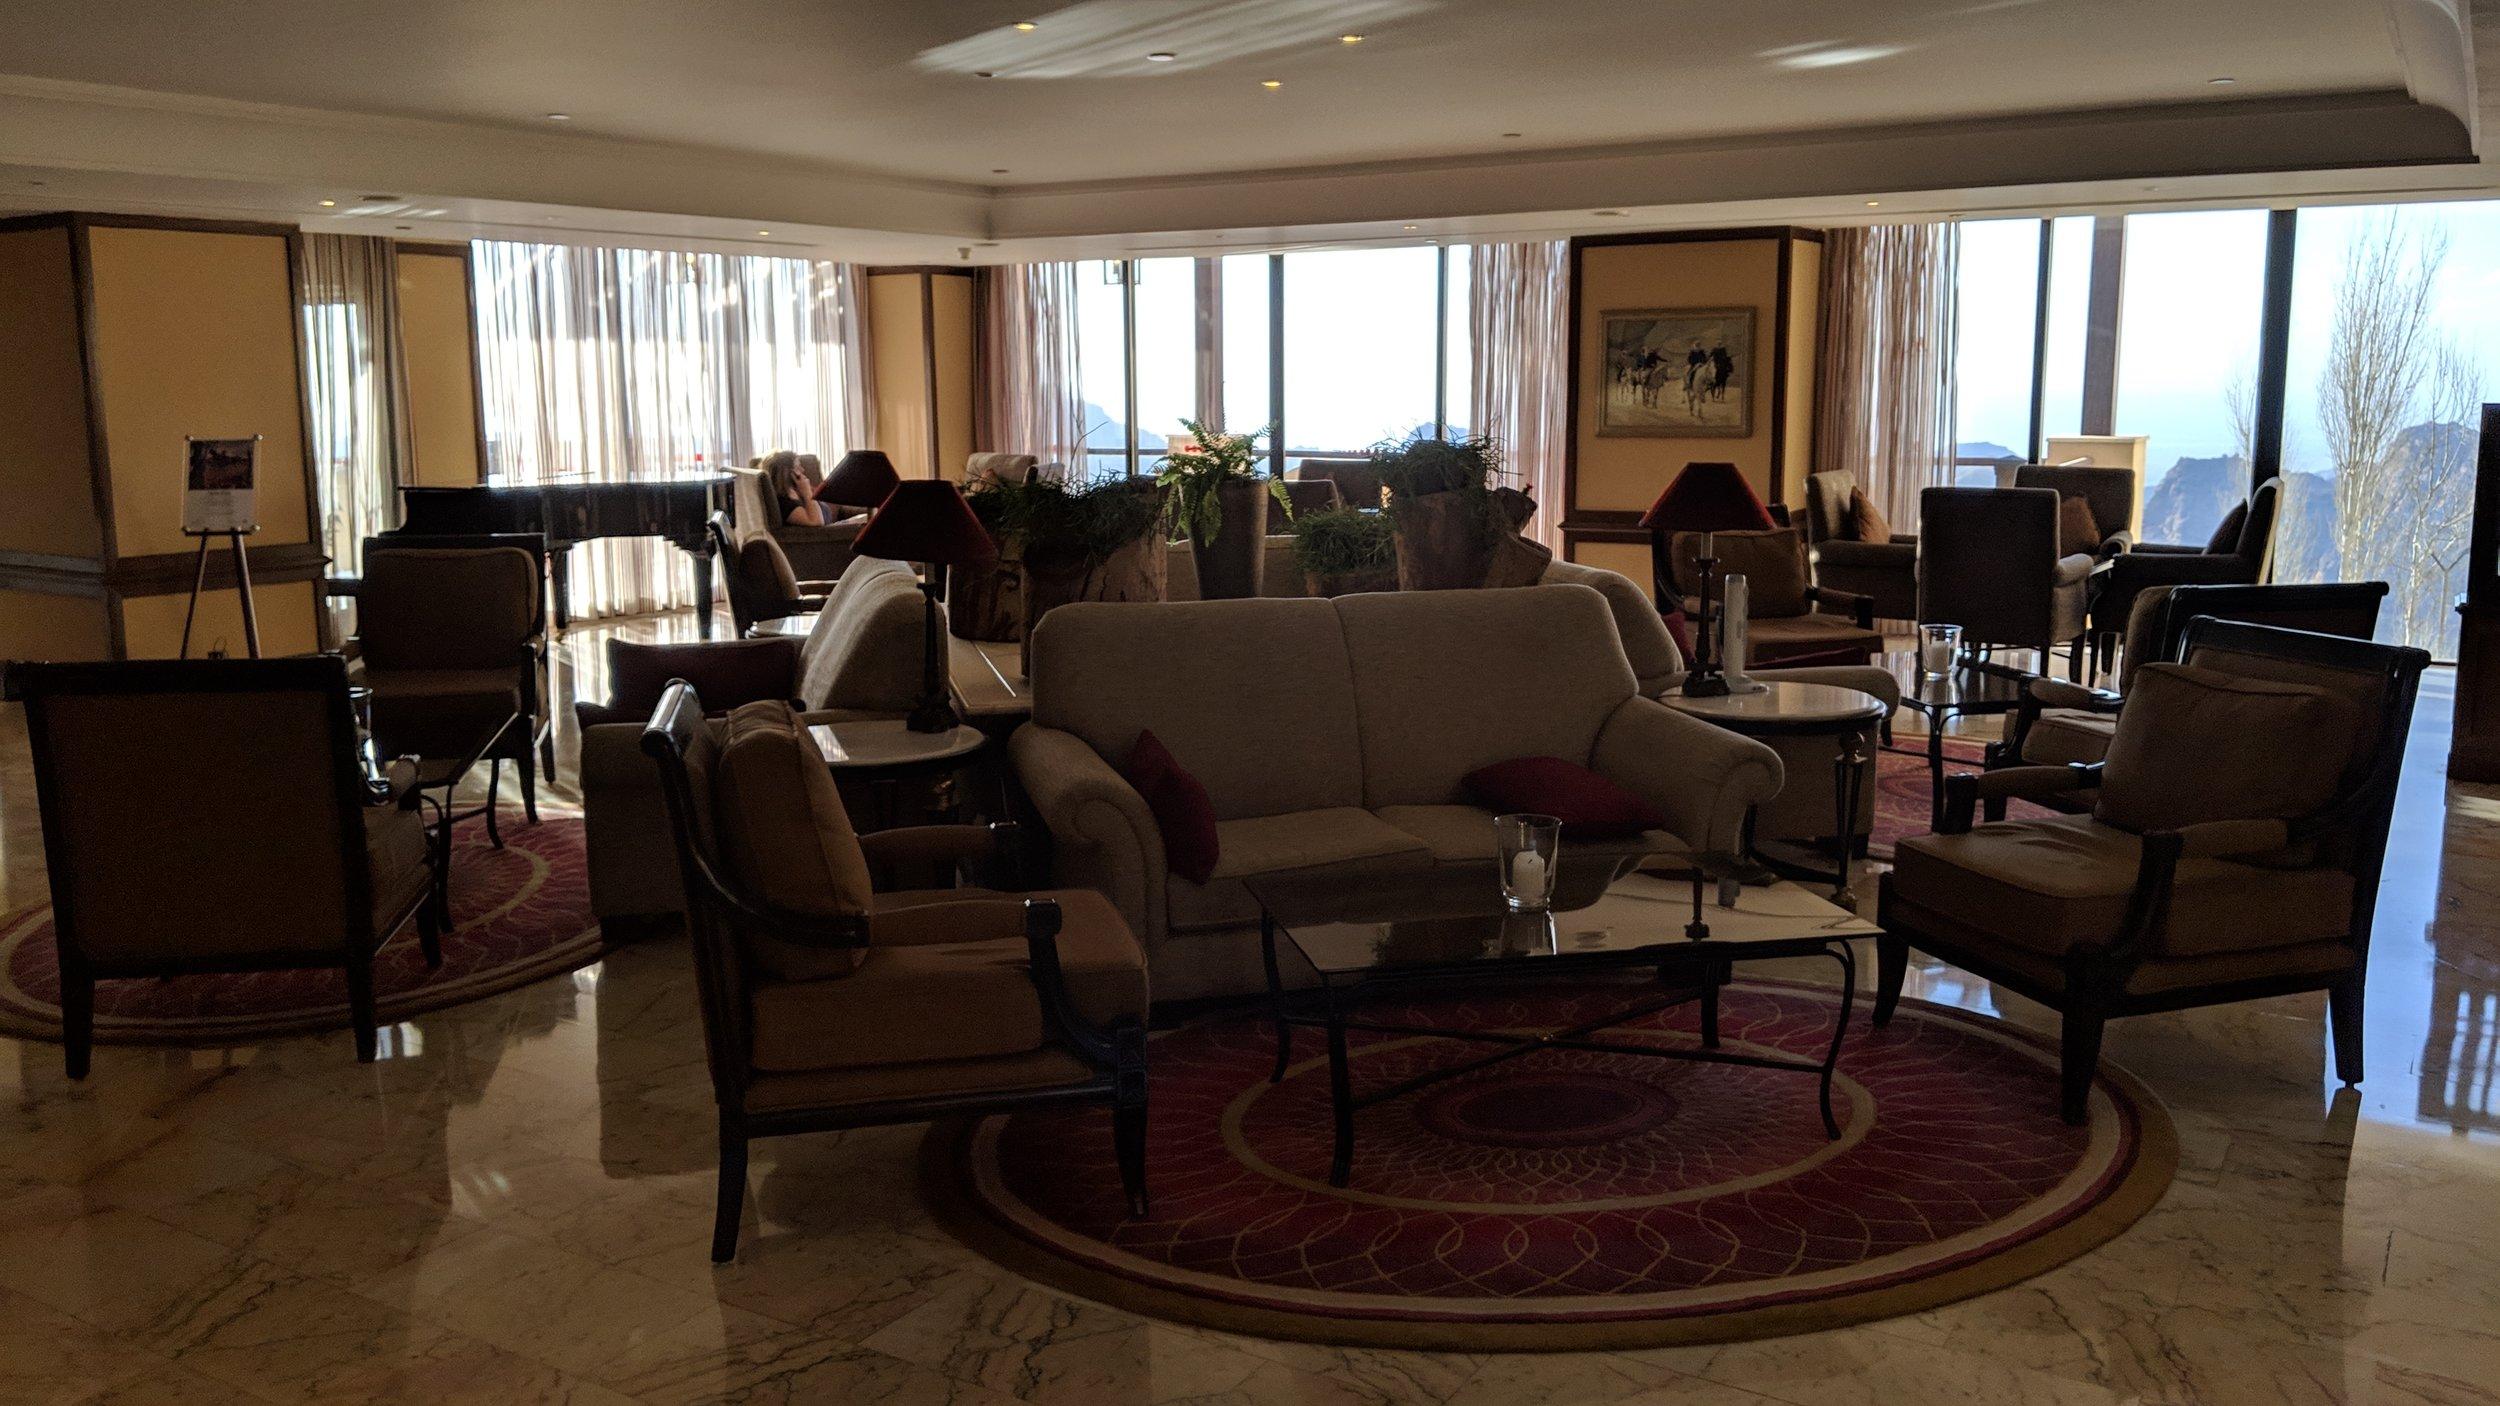 Petra Marriott Hotel Lobby area.